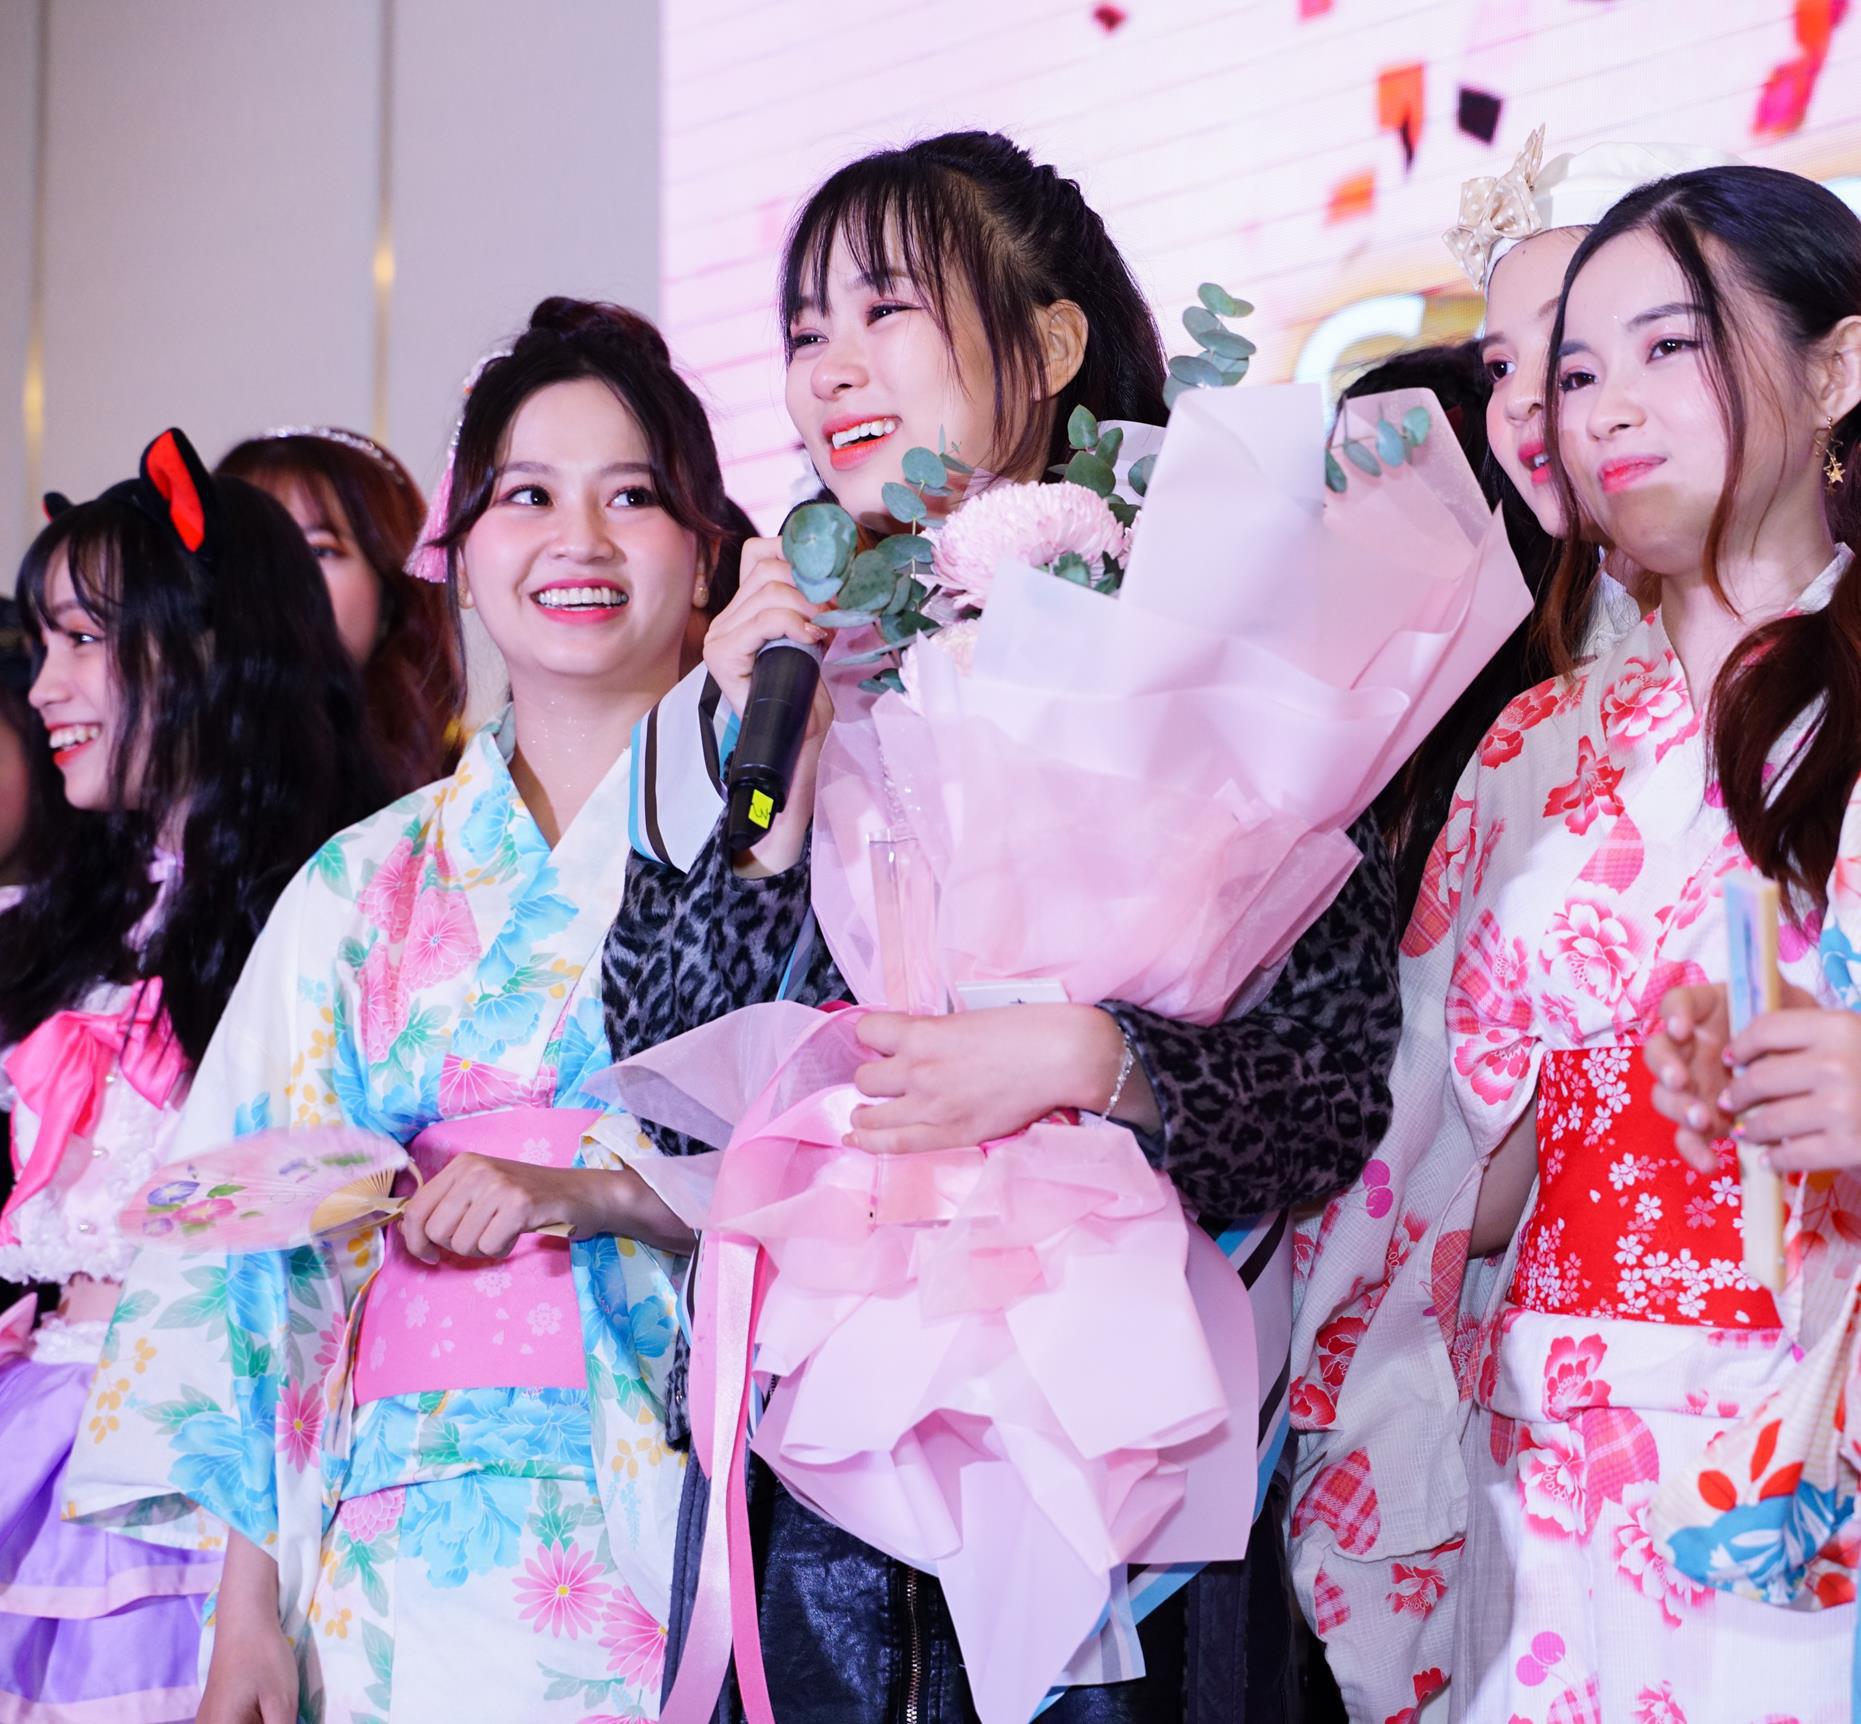 Lệ Trang chiến thắng ở sự kiện Handshake của SGO48, chính thức lọt top 16 trong single tiếp theo! - Ảnh 15.